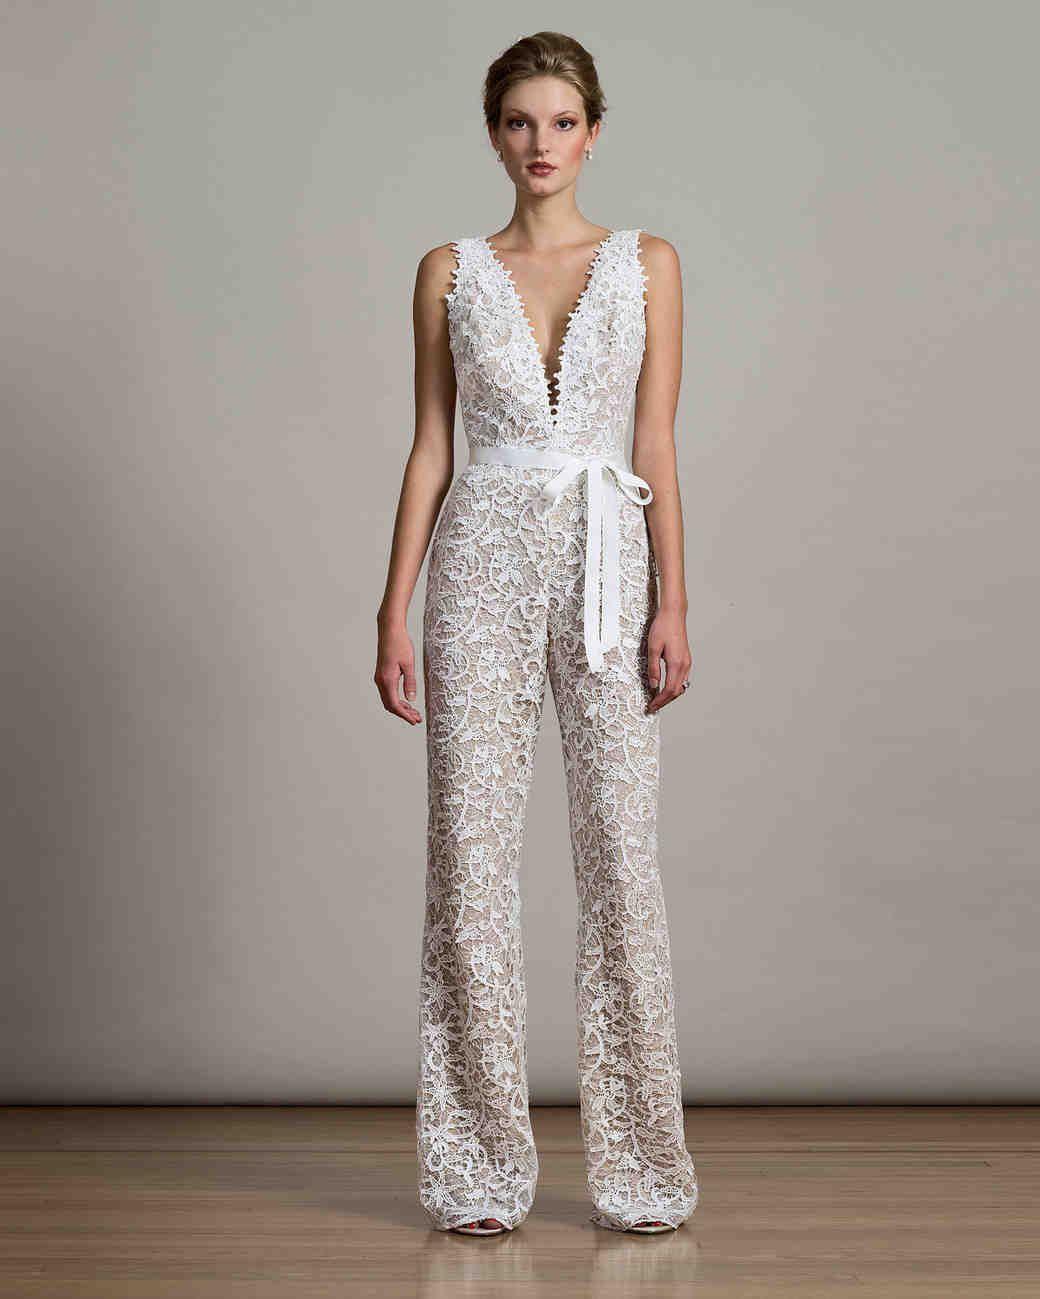 a8e7d8c65cf 40+ Jumpsuit Wedding Dresses Ideas 19 – Fiveno